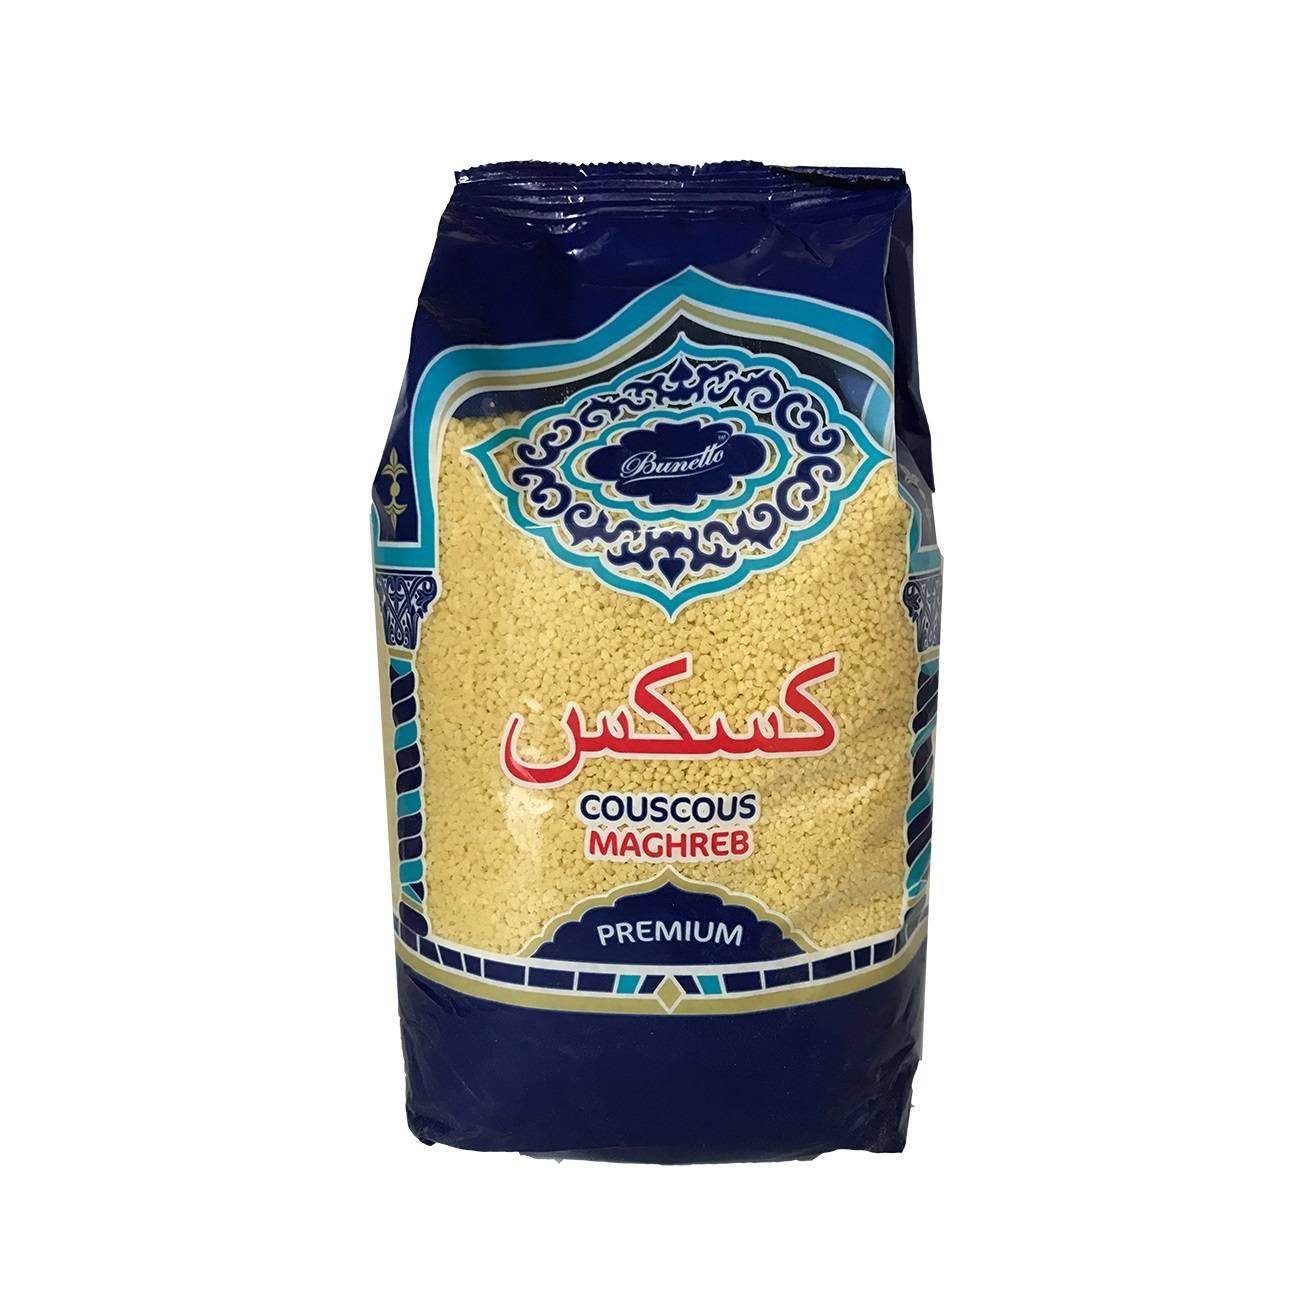 Cous Cous premium Maghreb Bunetto, 1kg